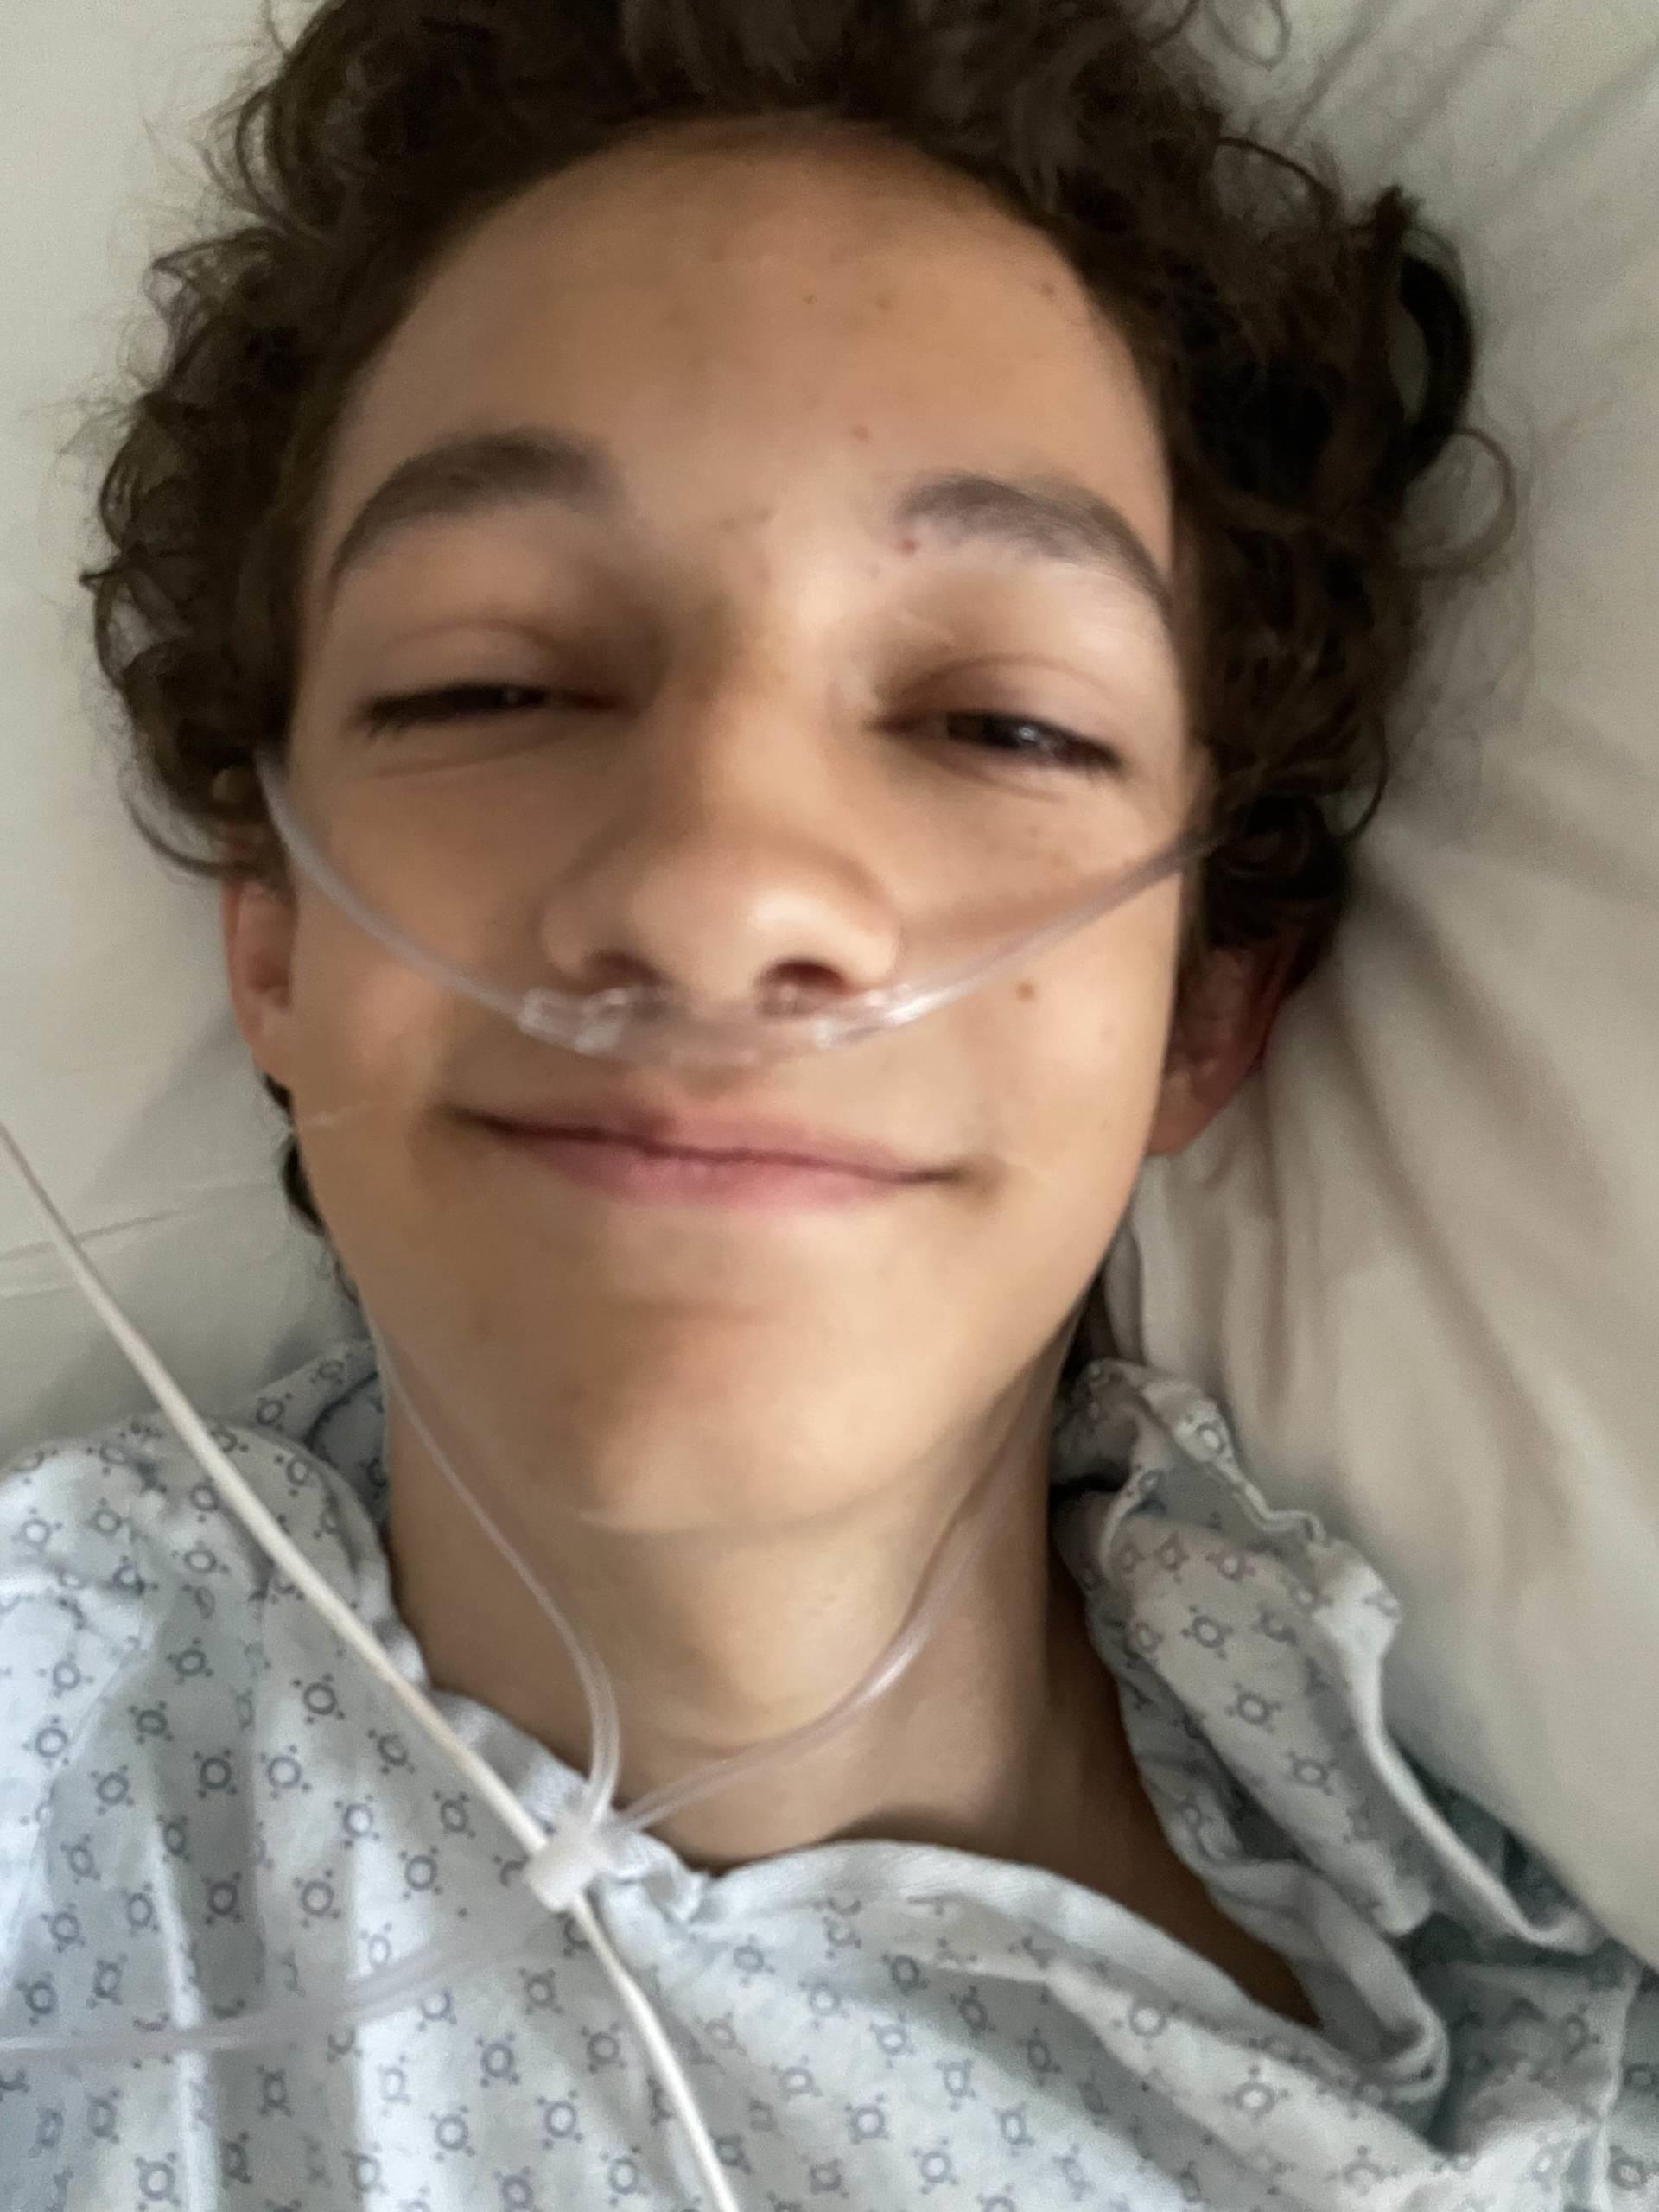 oxygen after surgery